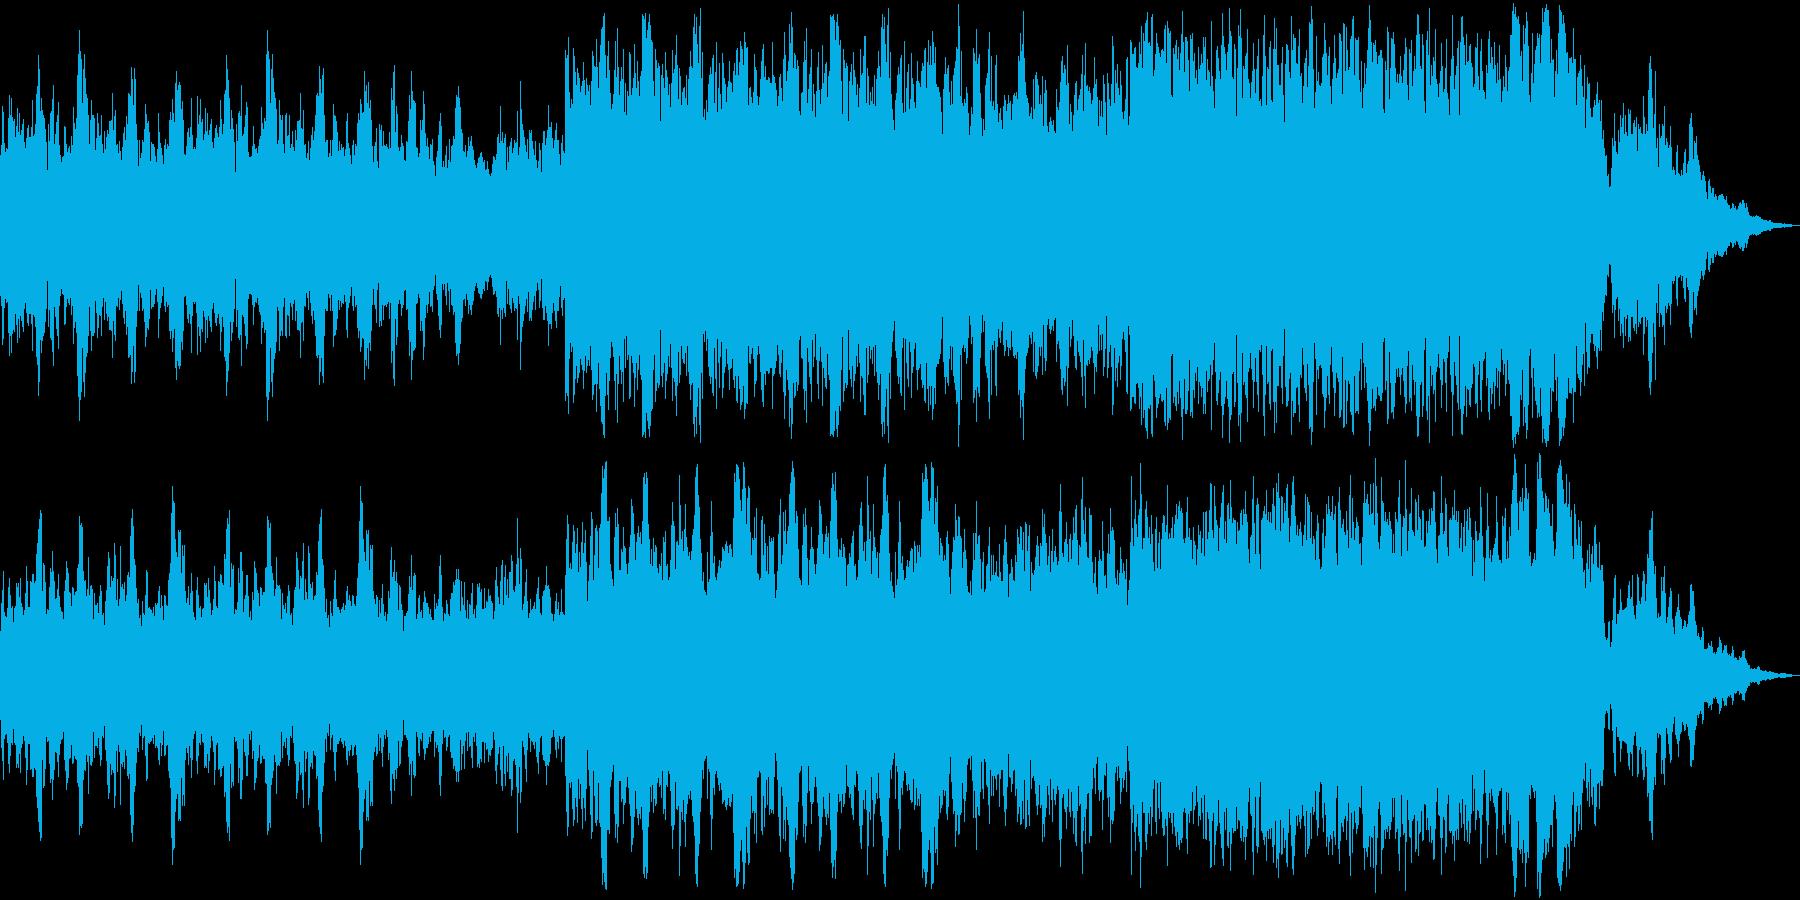 しっとりとした悲しい楽曲の再生済みの波形